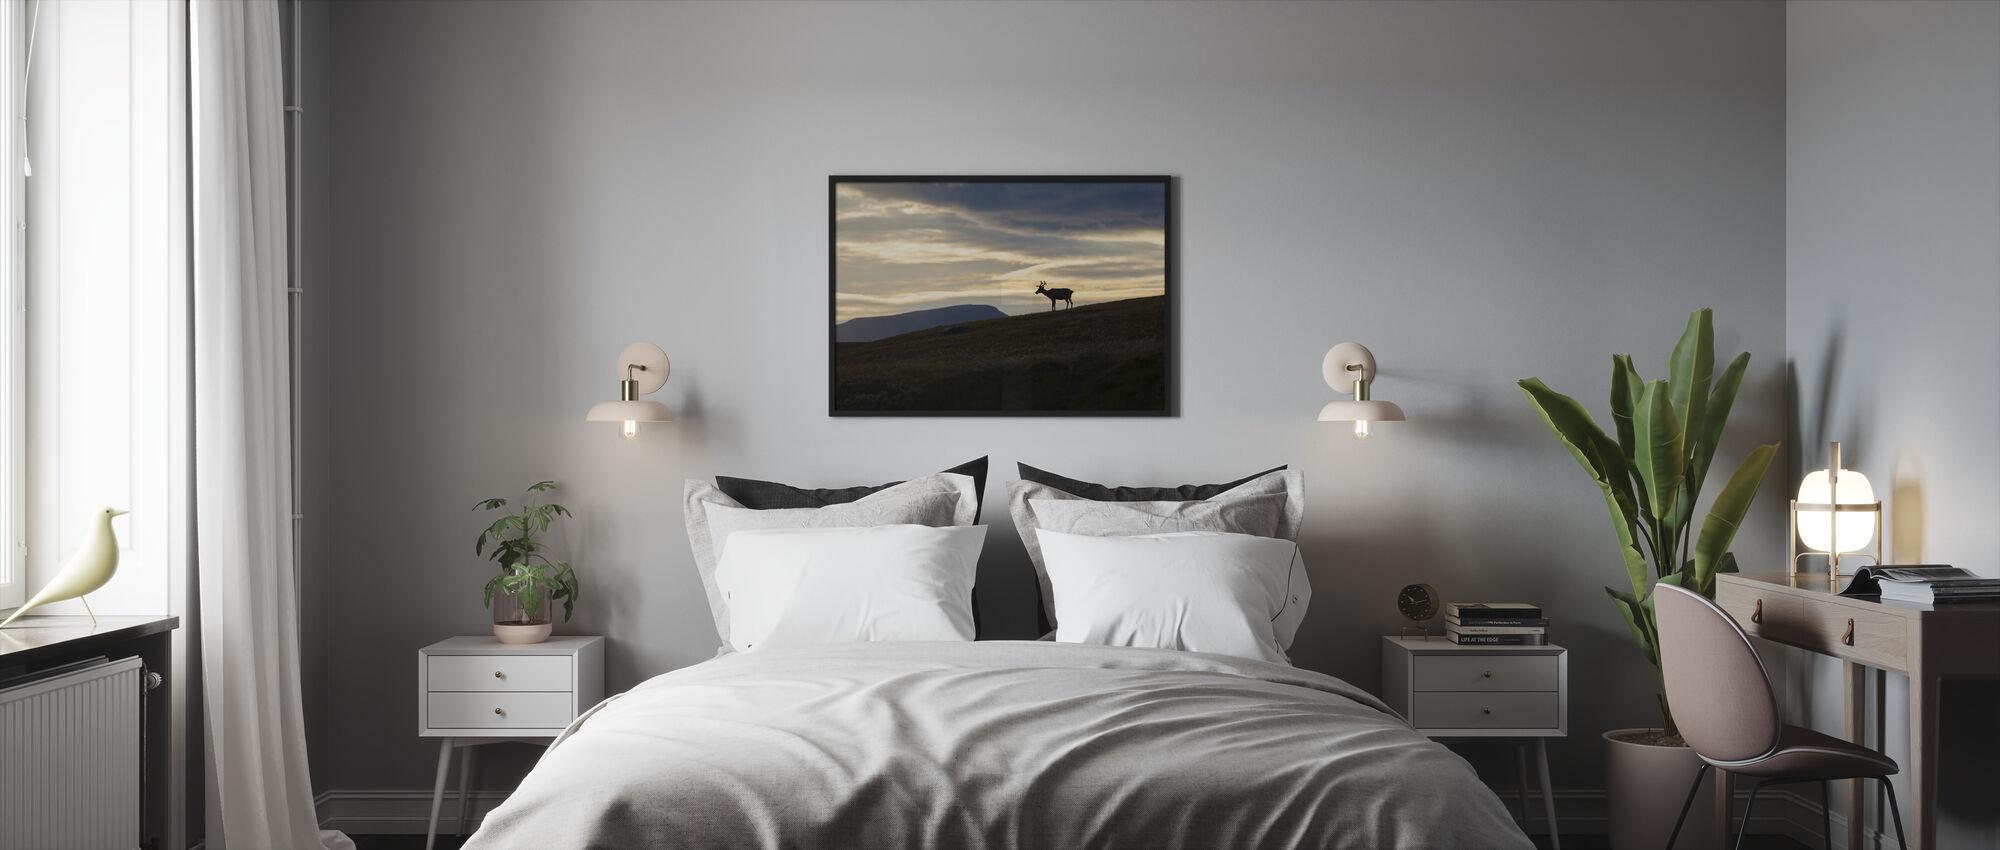 Reindeer at Helagsfjället, Sweden - Framed print - Bedroom